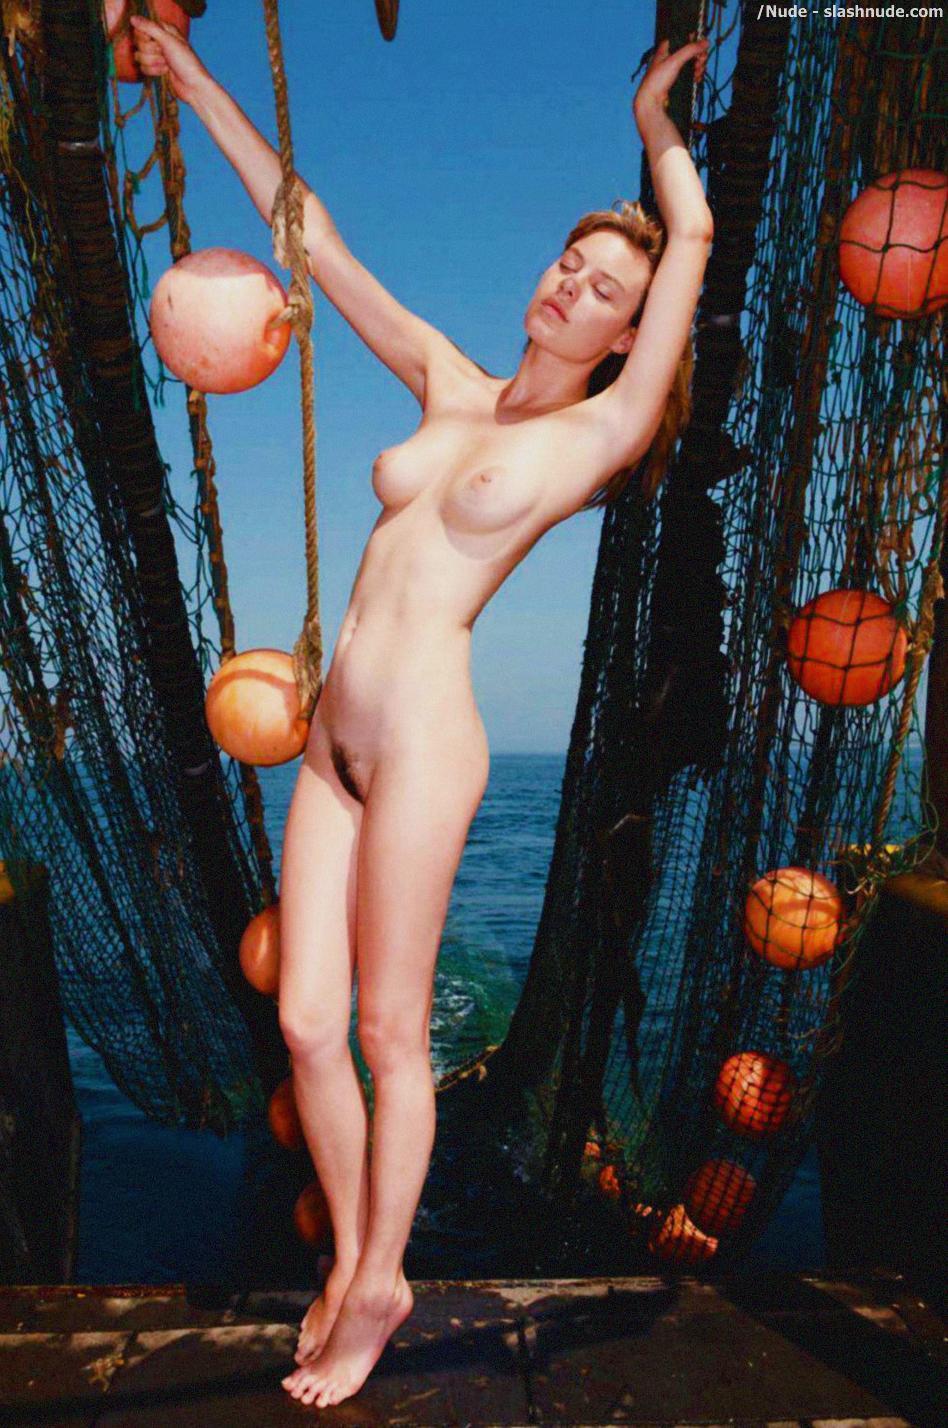 Jessica rowe nude